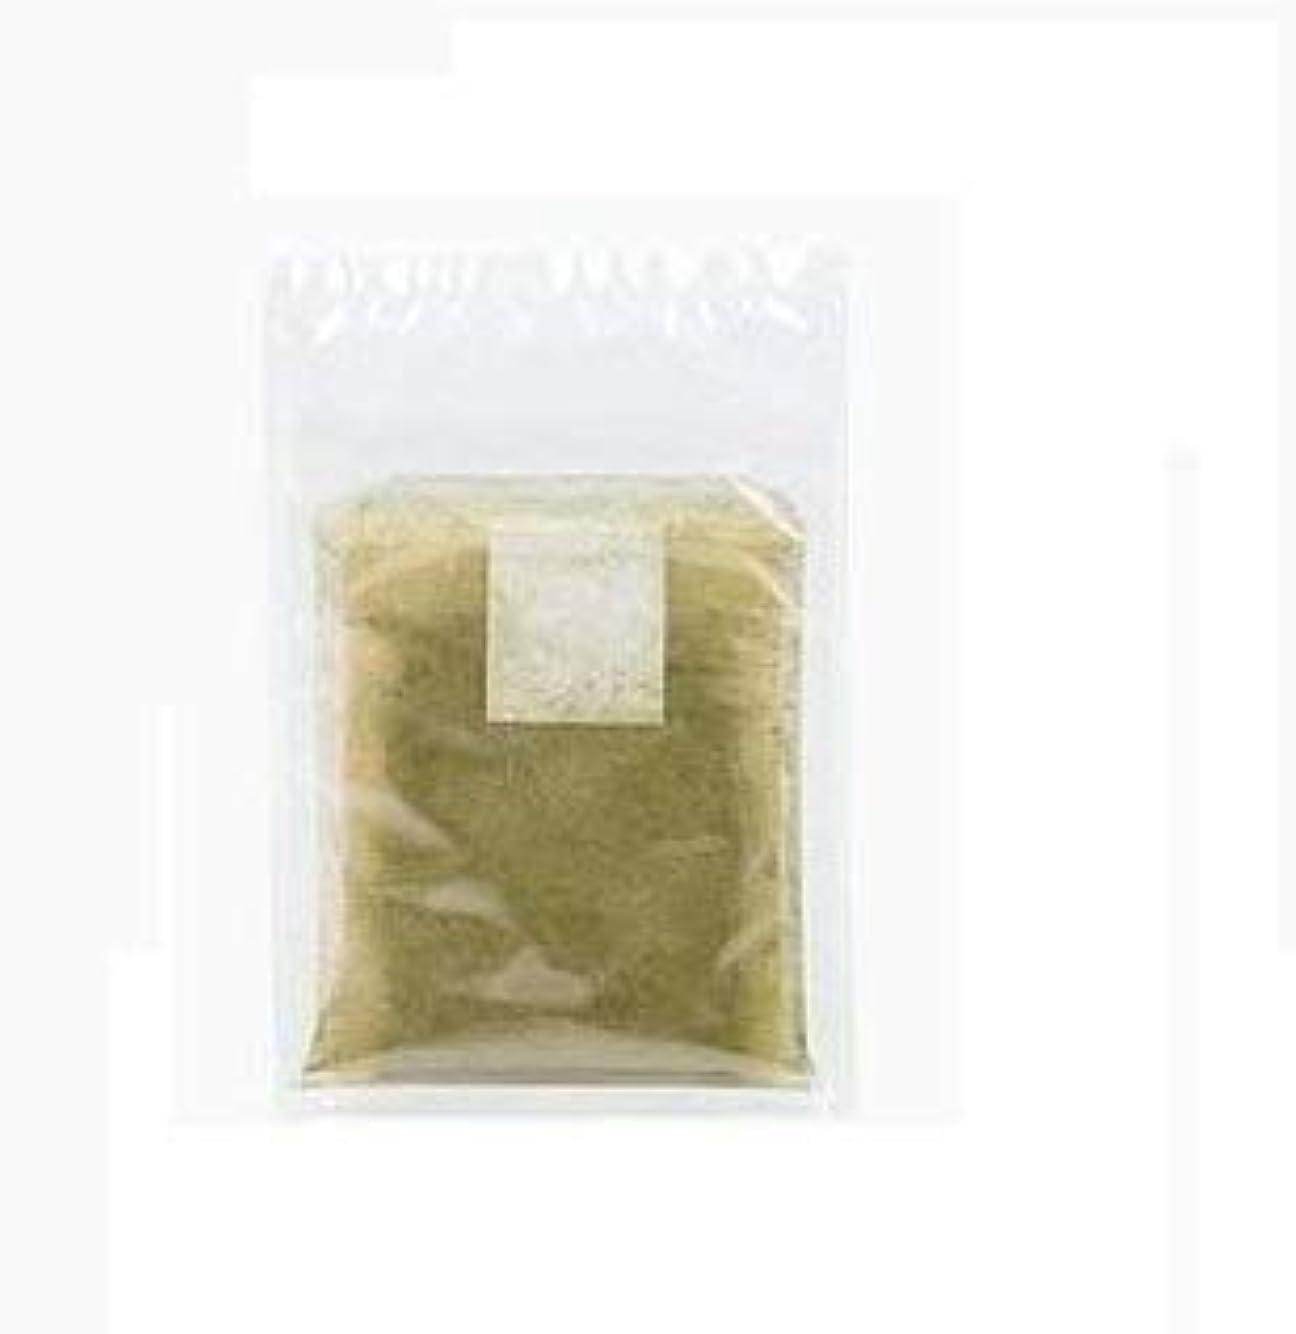 クリーム混乱ラフレシアアルノルディメール便 美身麗茶 びしんれいちゃ 3g×3包 アップルティー味 ダイエット 健康茶 オーガニック デトックス スリム ヘルシー 美容 スリムボディ 日本製